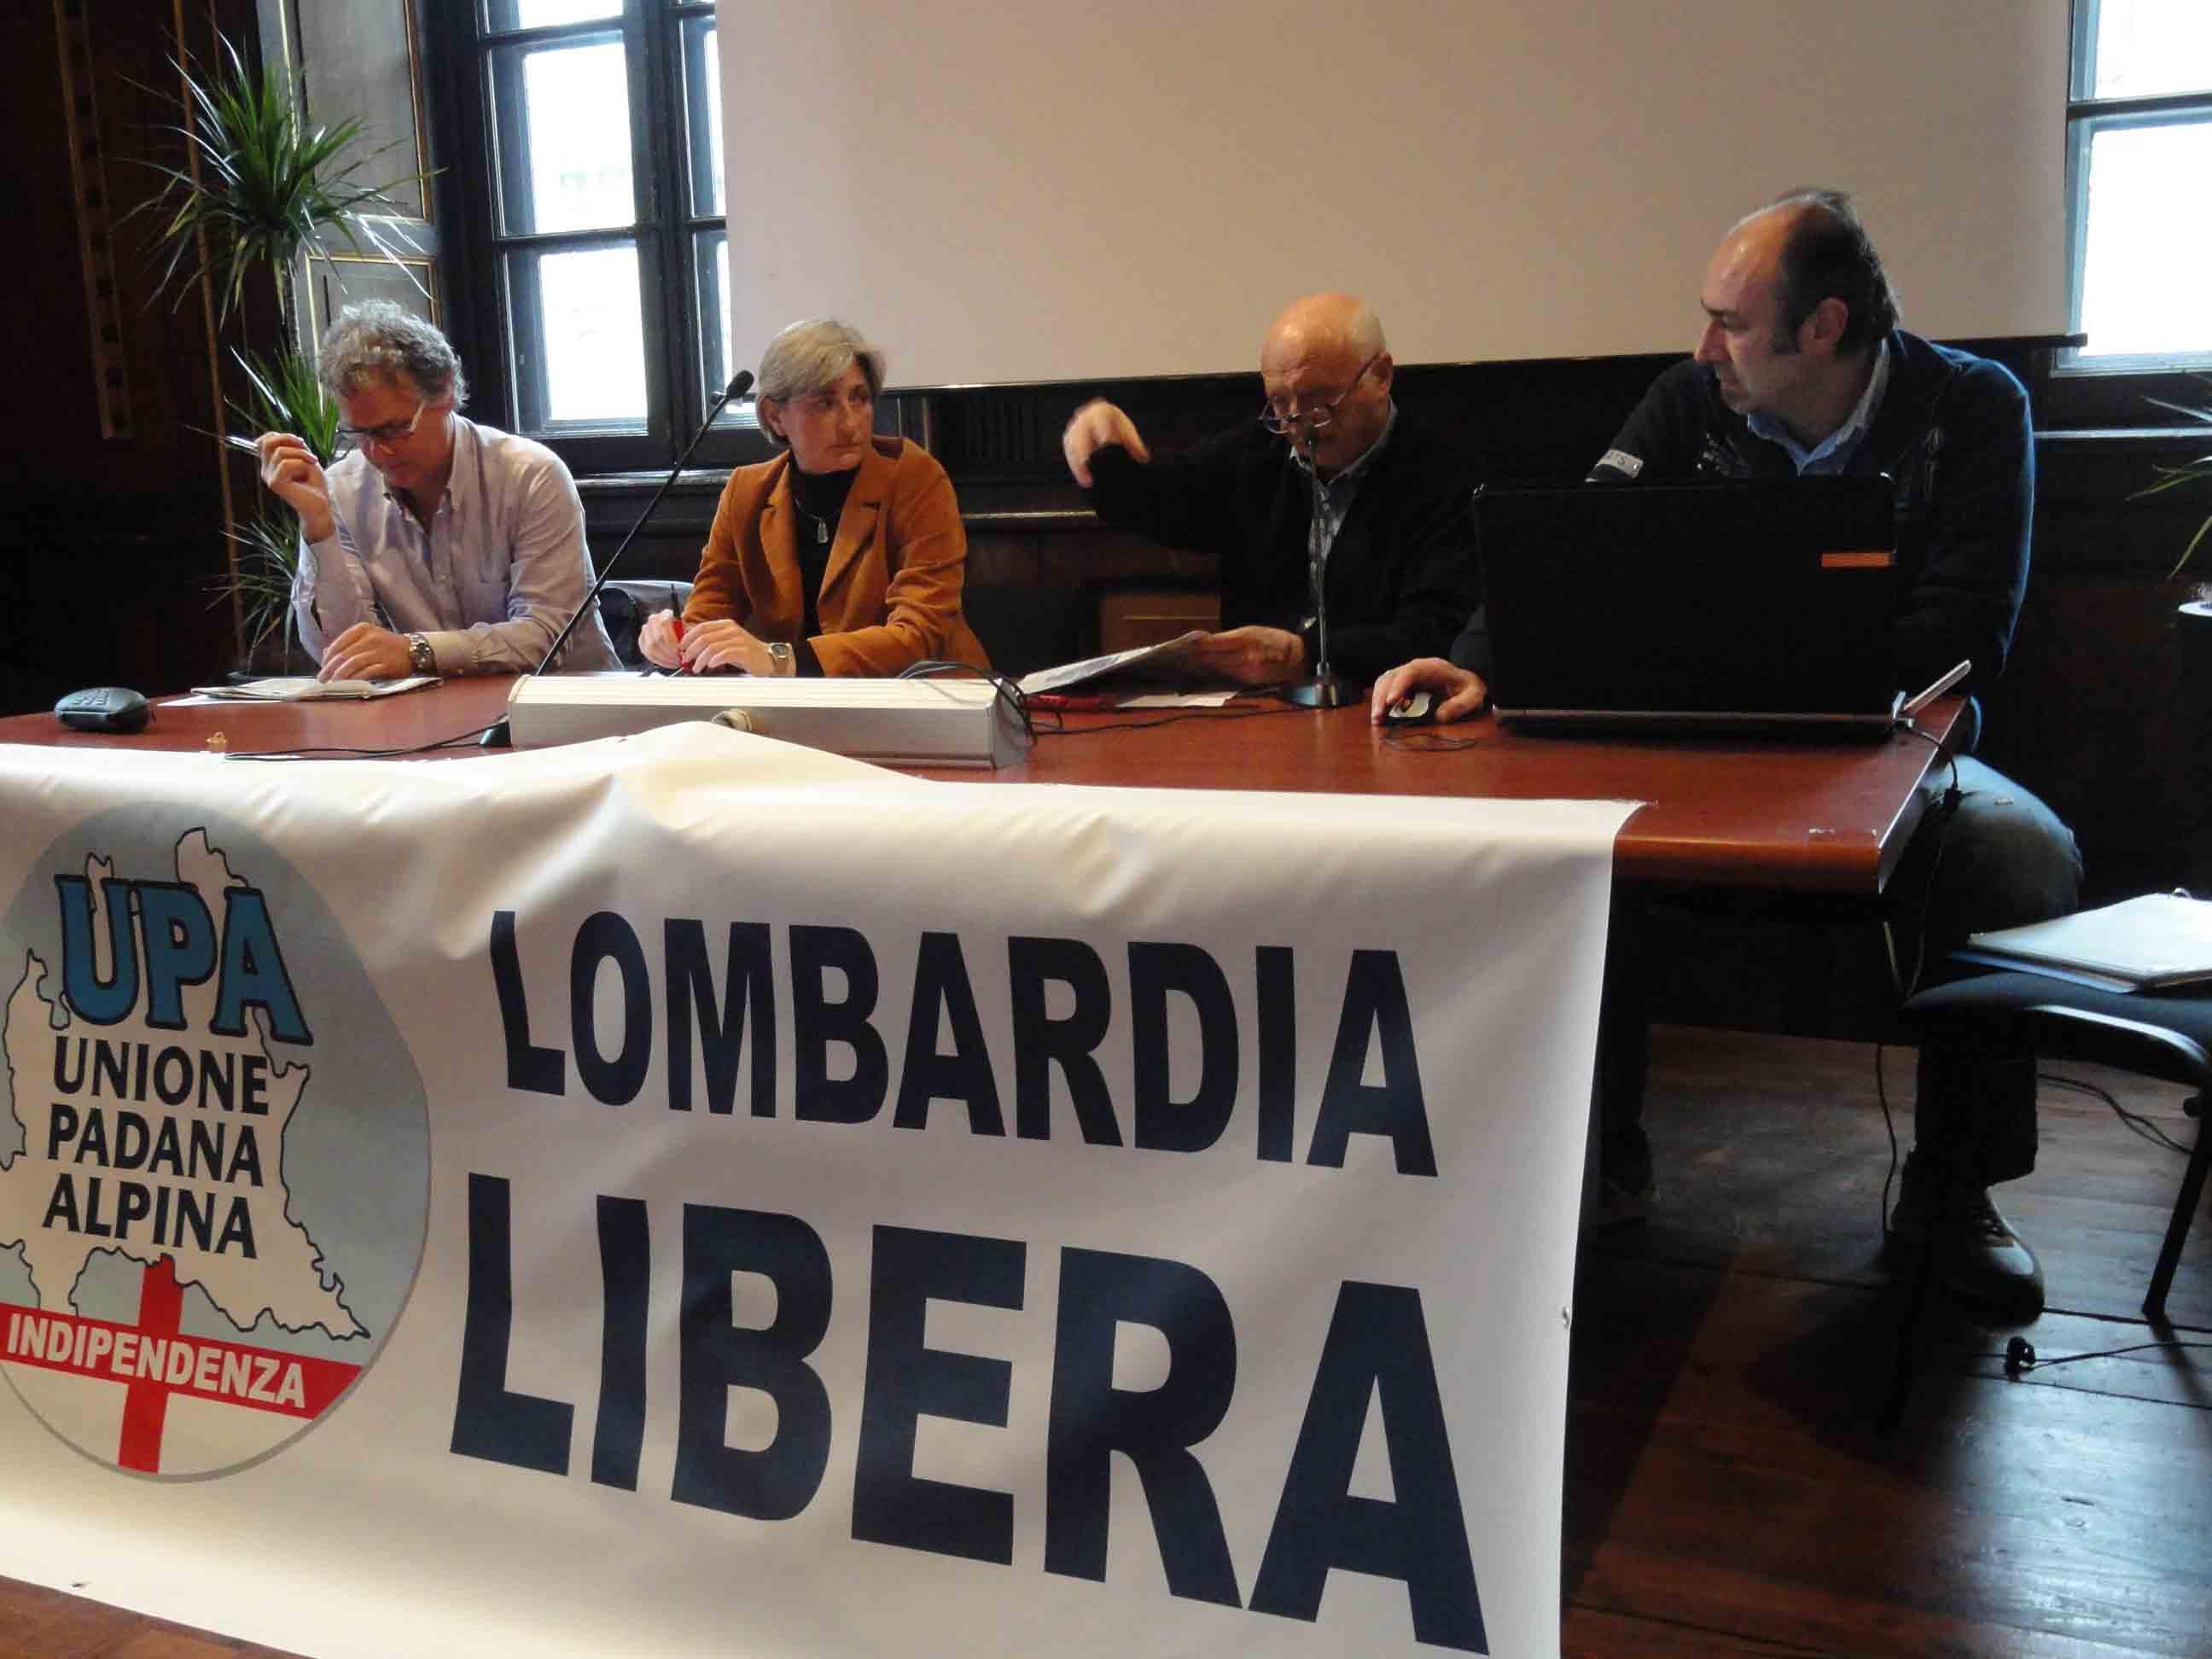 Unione Padania Alpina: assalto al grano padano